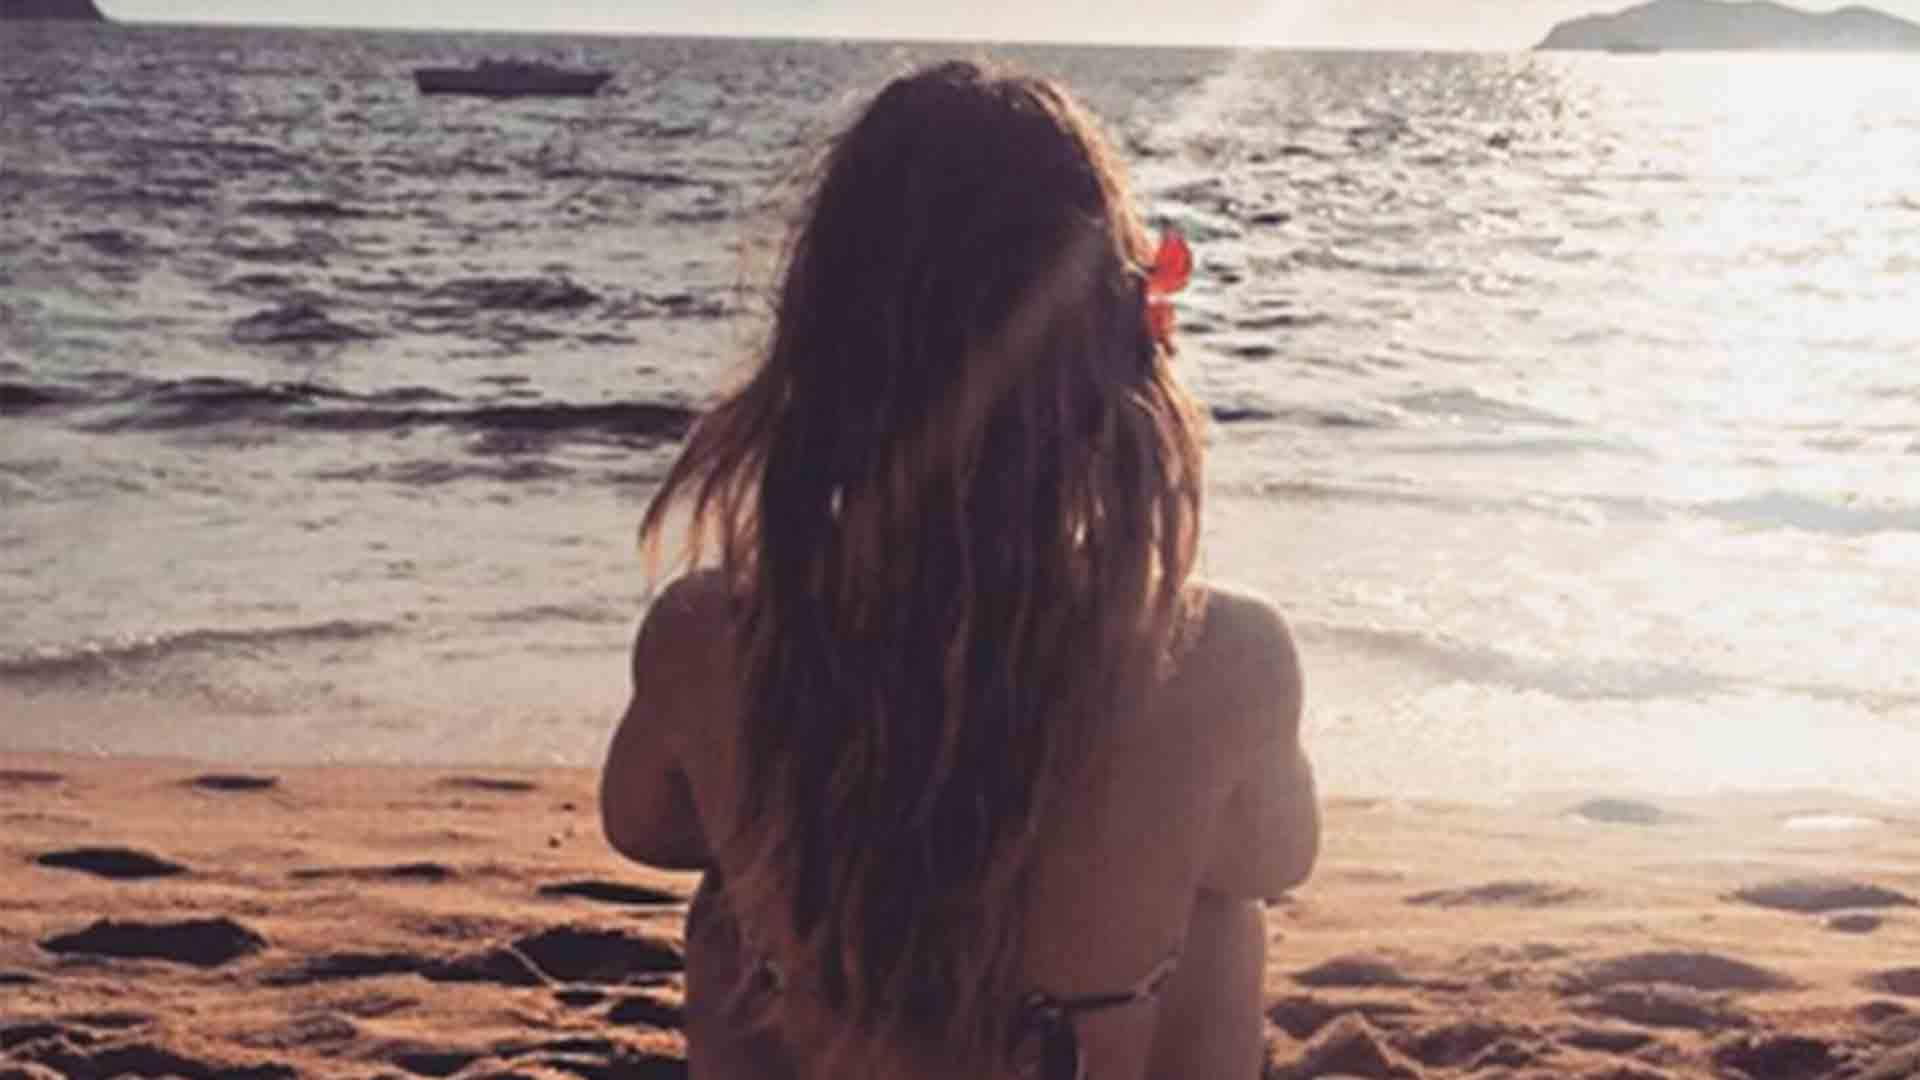 La chica que mira por la bentana - 1 part 10